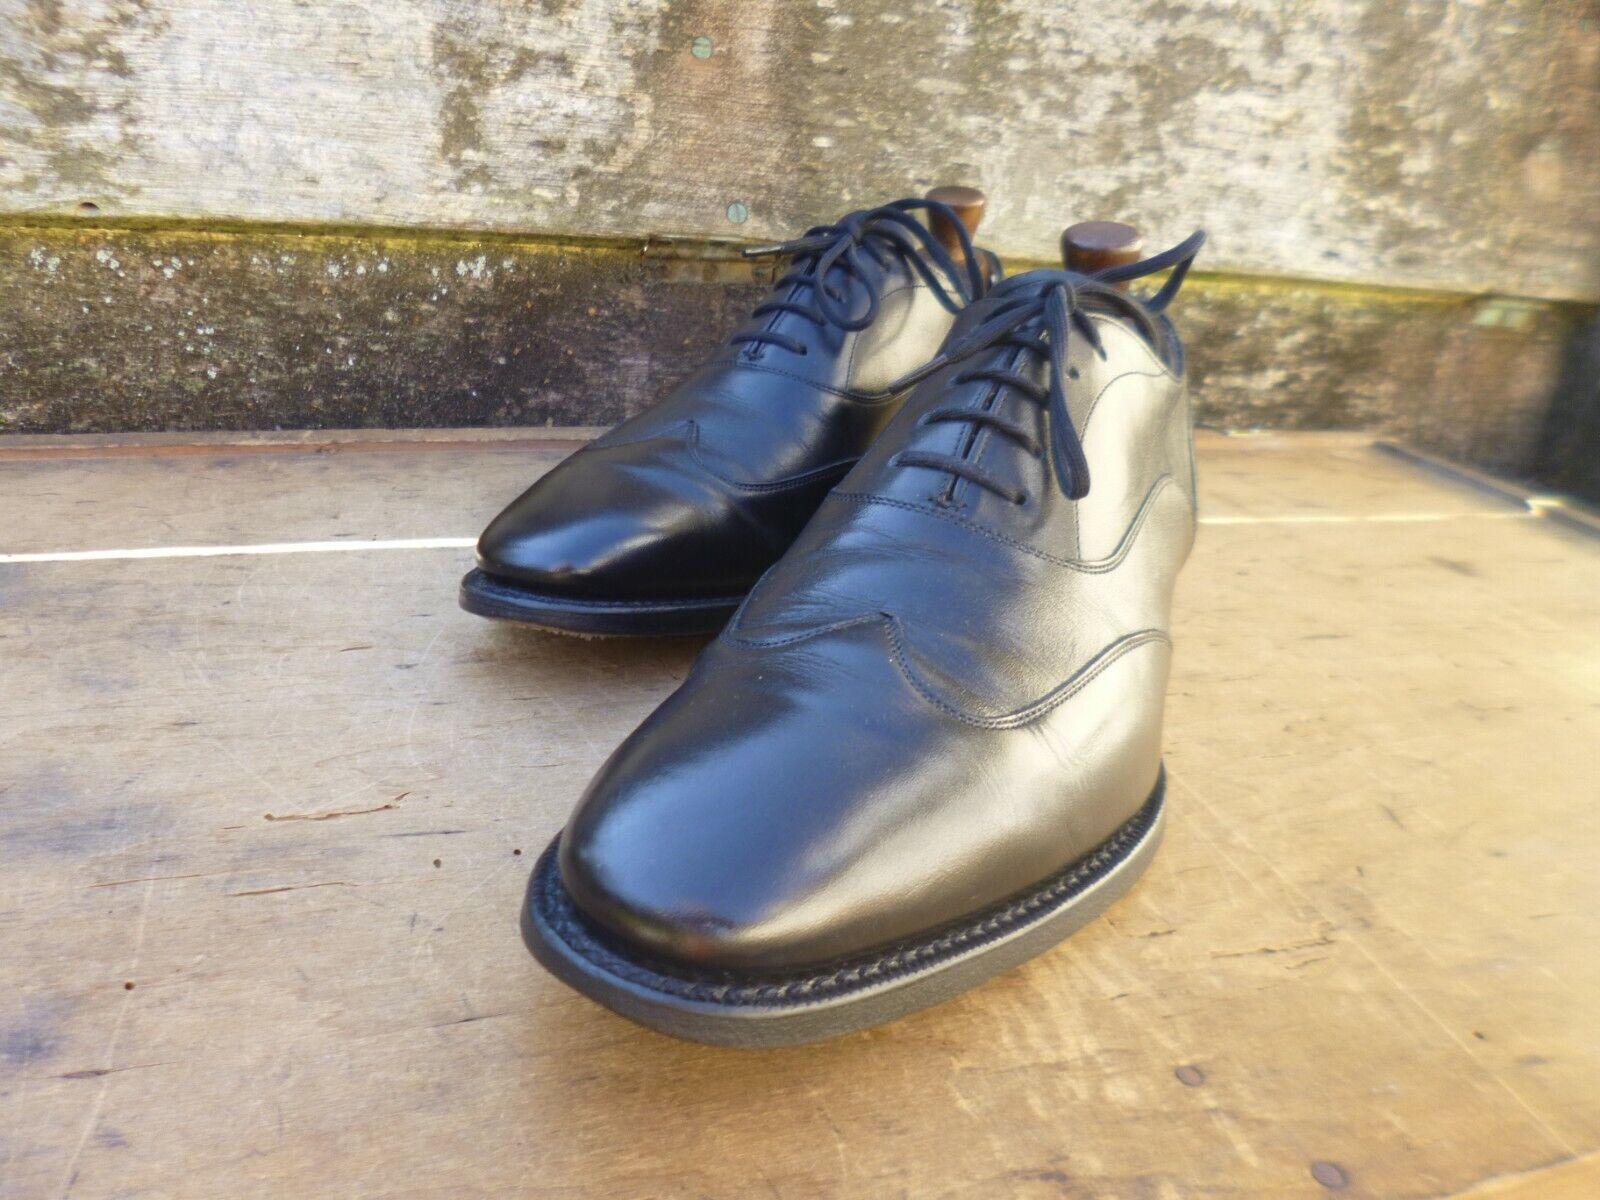 Iglesia Zapatos Oxford-Negro – UK 7.5 – Shergar – Excelentes Condiciones